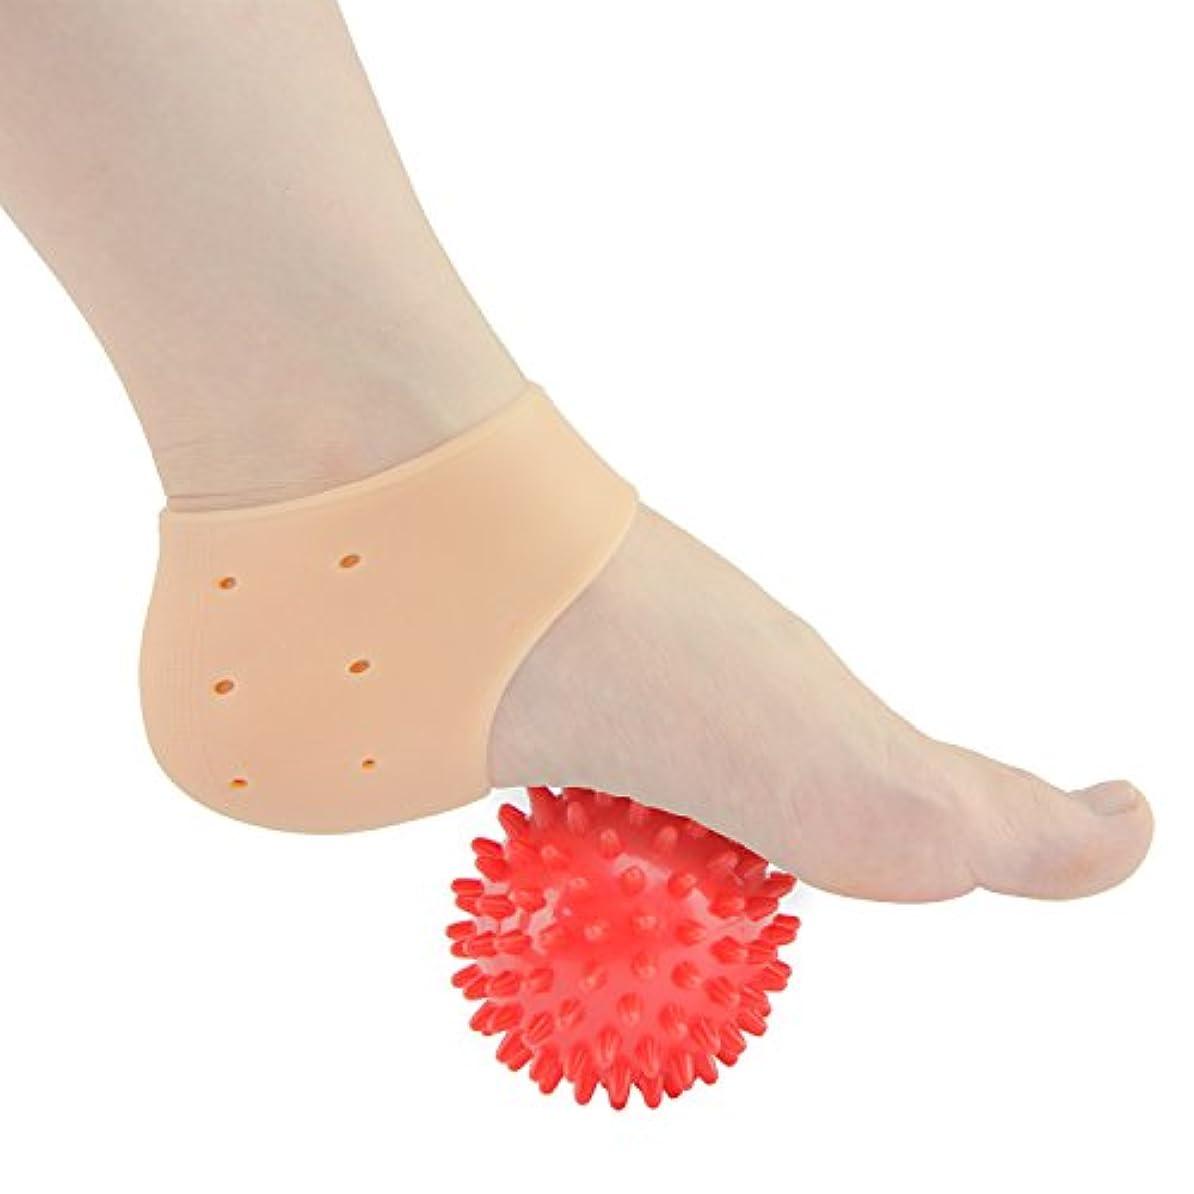 保証混乱した考慮Sumifun かかと保護カバー, 足底筋膜炎治療ラップジェルスリーブフットマッサージ足痛み軽減 かかと痛サポーター 衝撃吸収 ジェルサポーター かかとケア 美足 保湿 かかと靴下